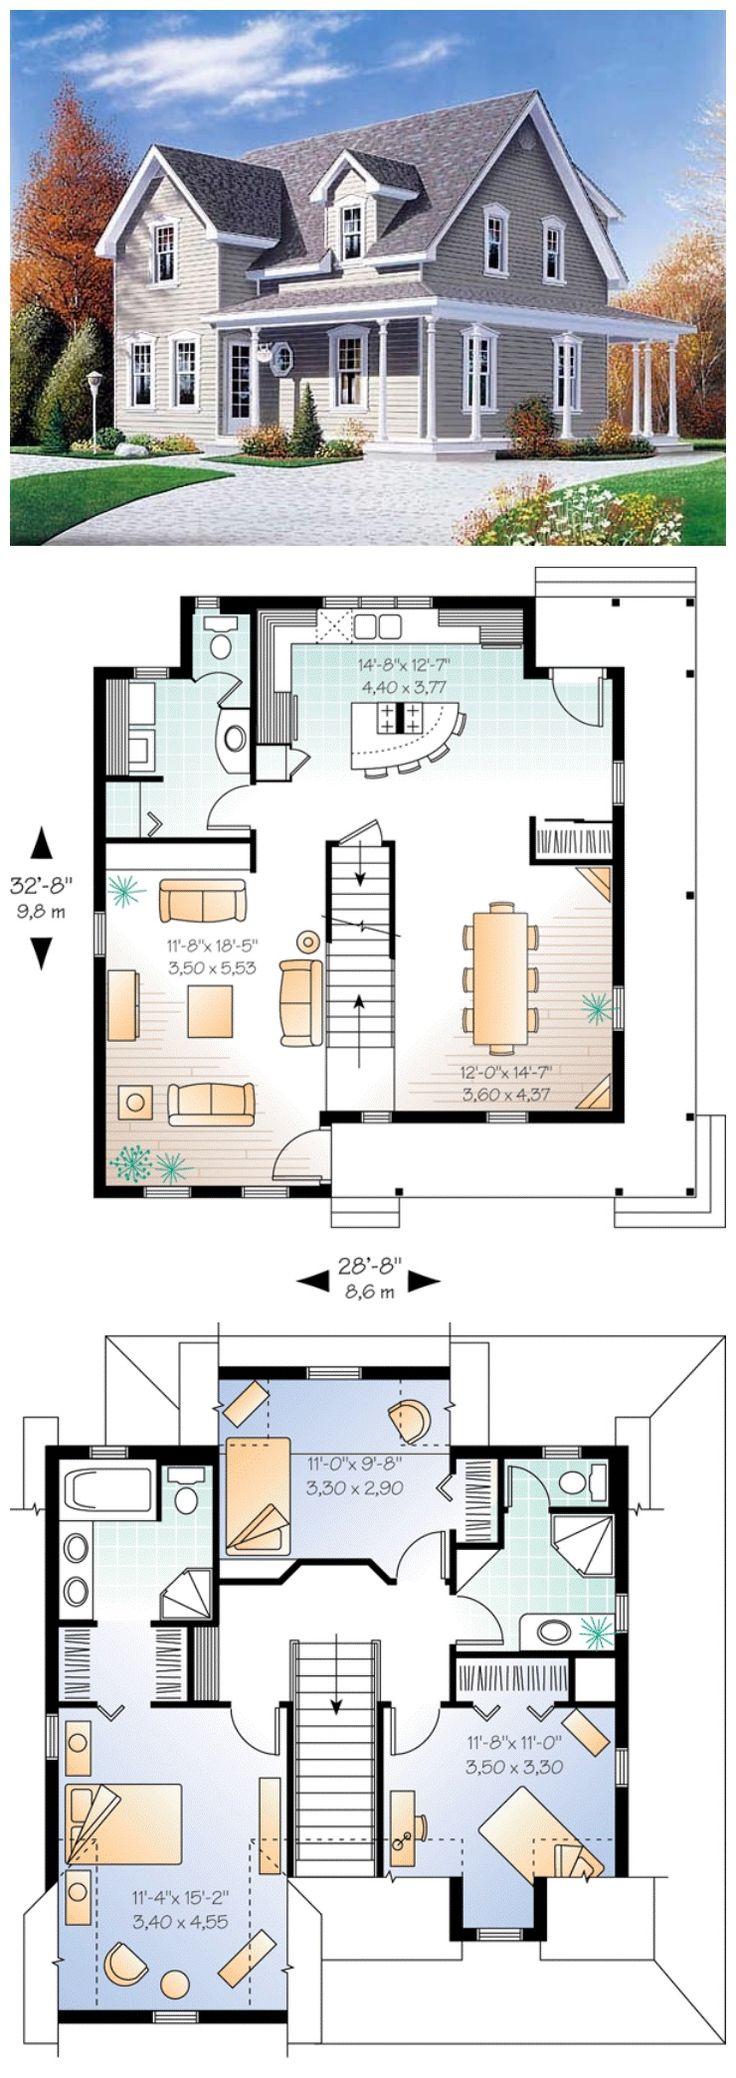 M s de 1000 ideas sobre casas americanas en pinterest - Casas americanas planos ...